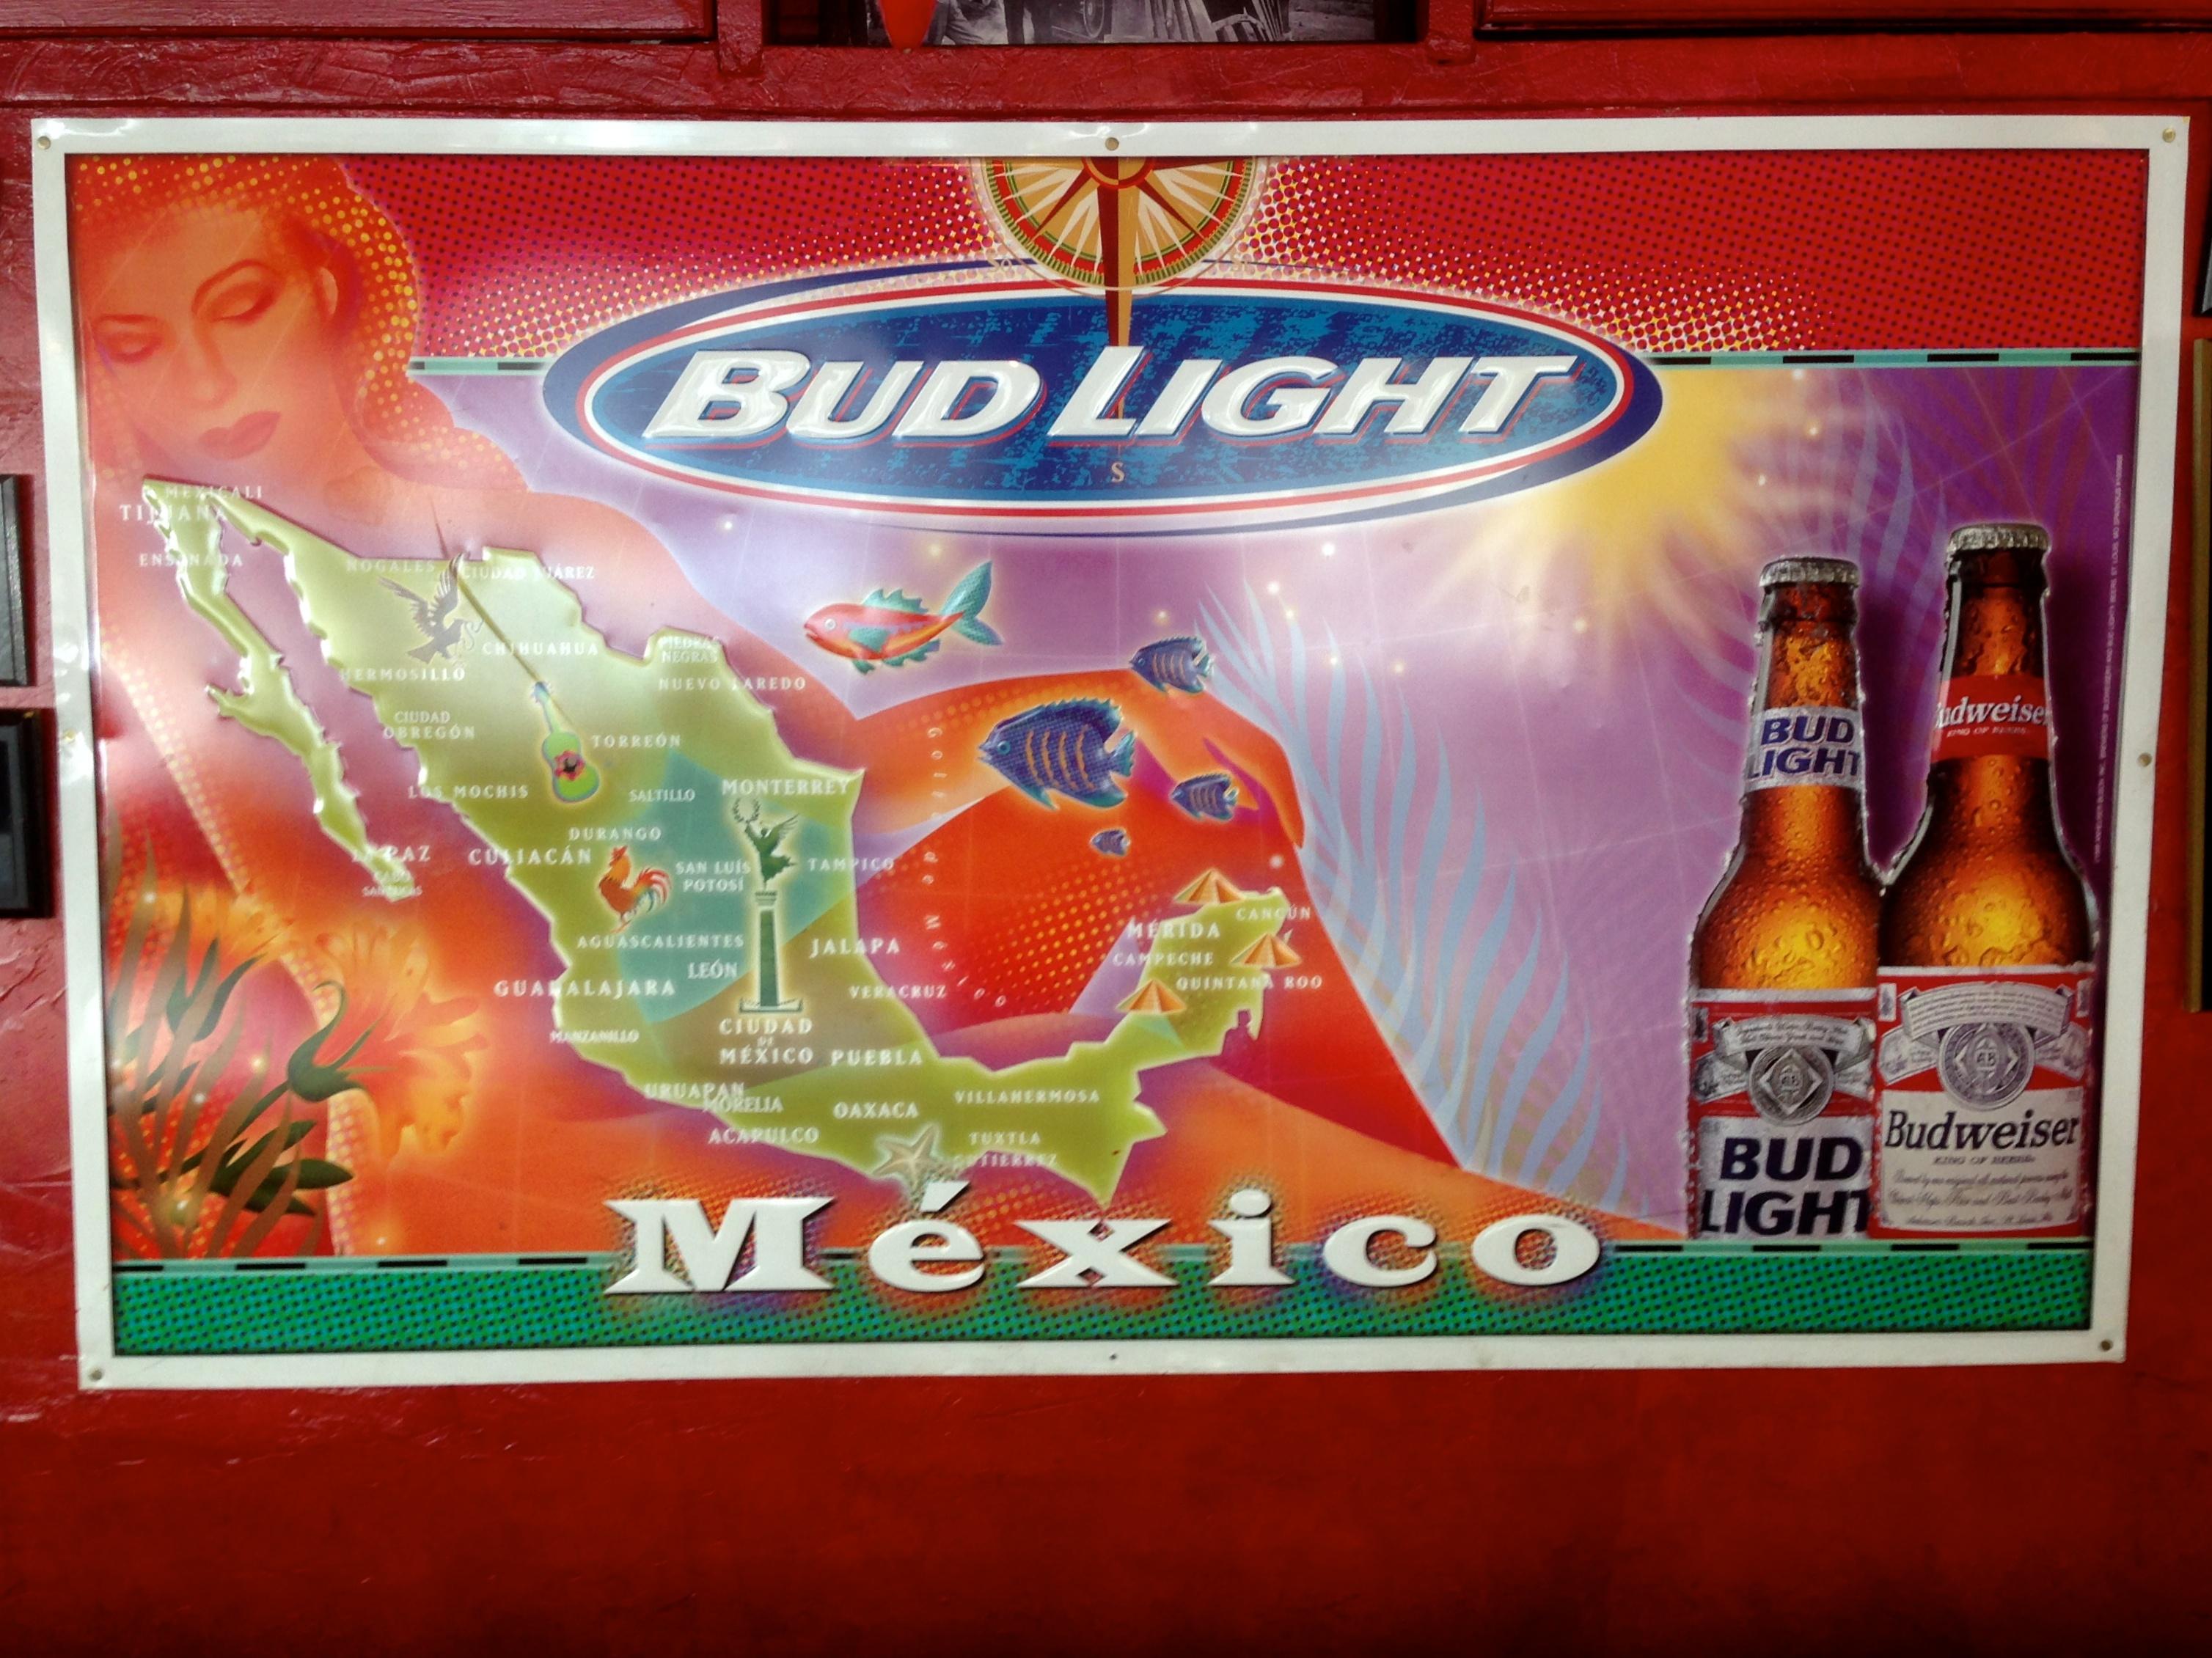 Kostenlose foto : Werbung, Getränk, Spielzeug, Bier, Spiele ...